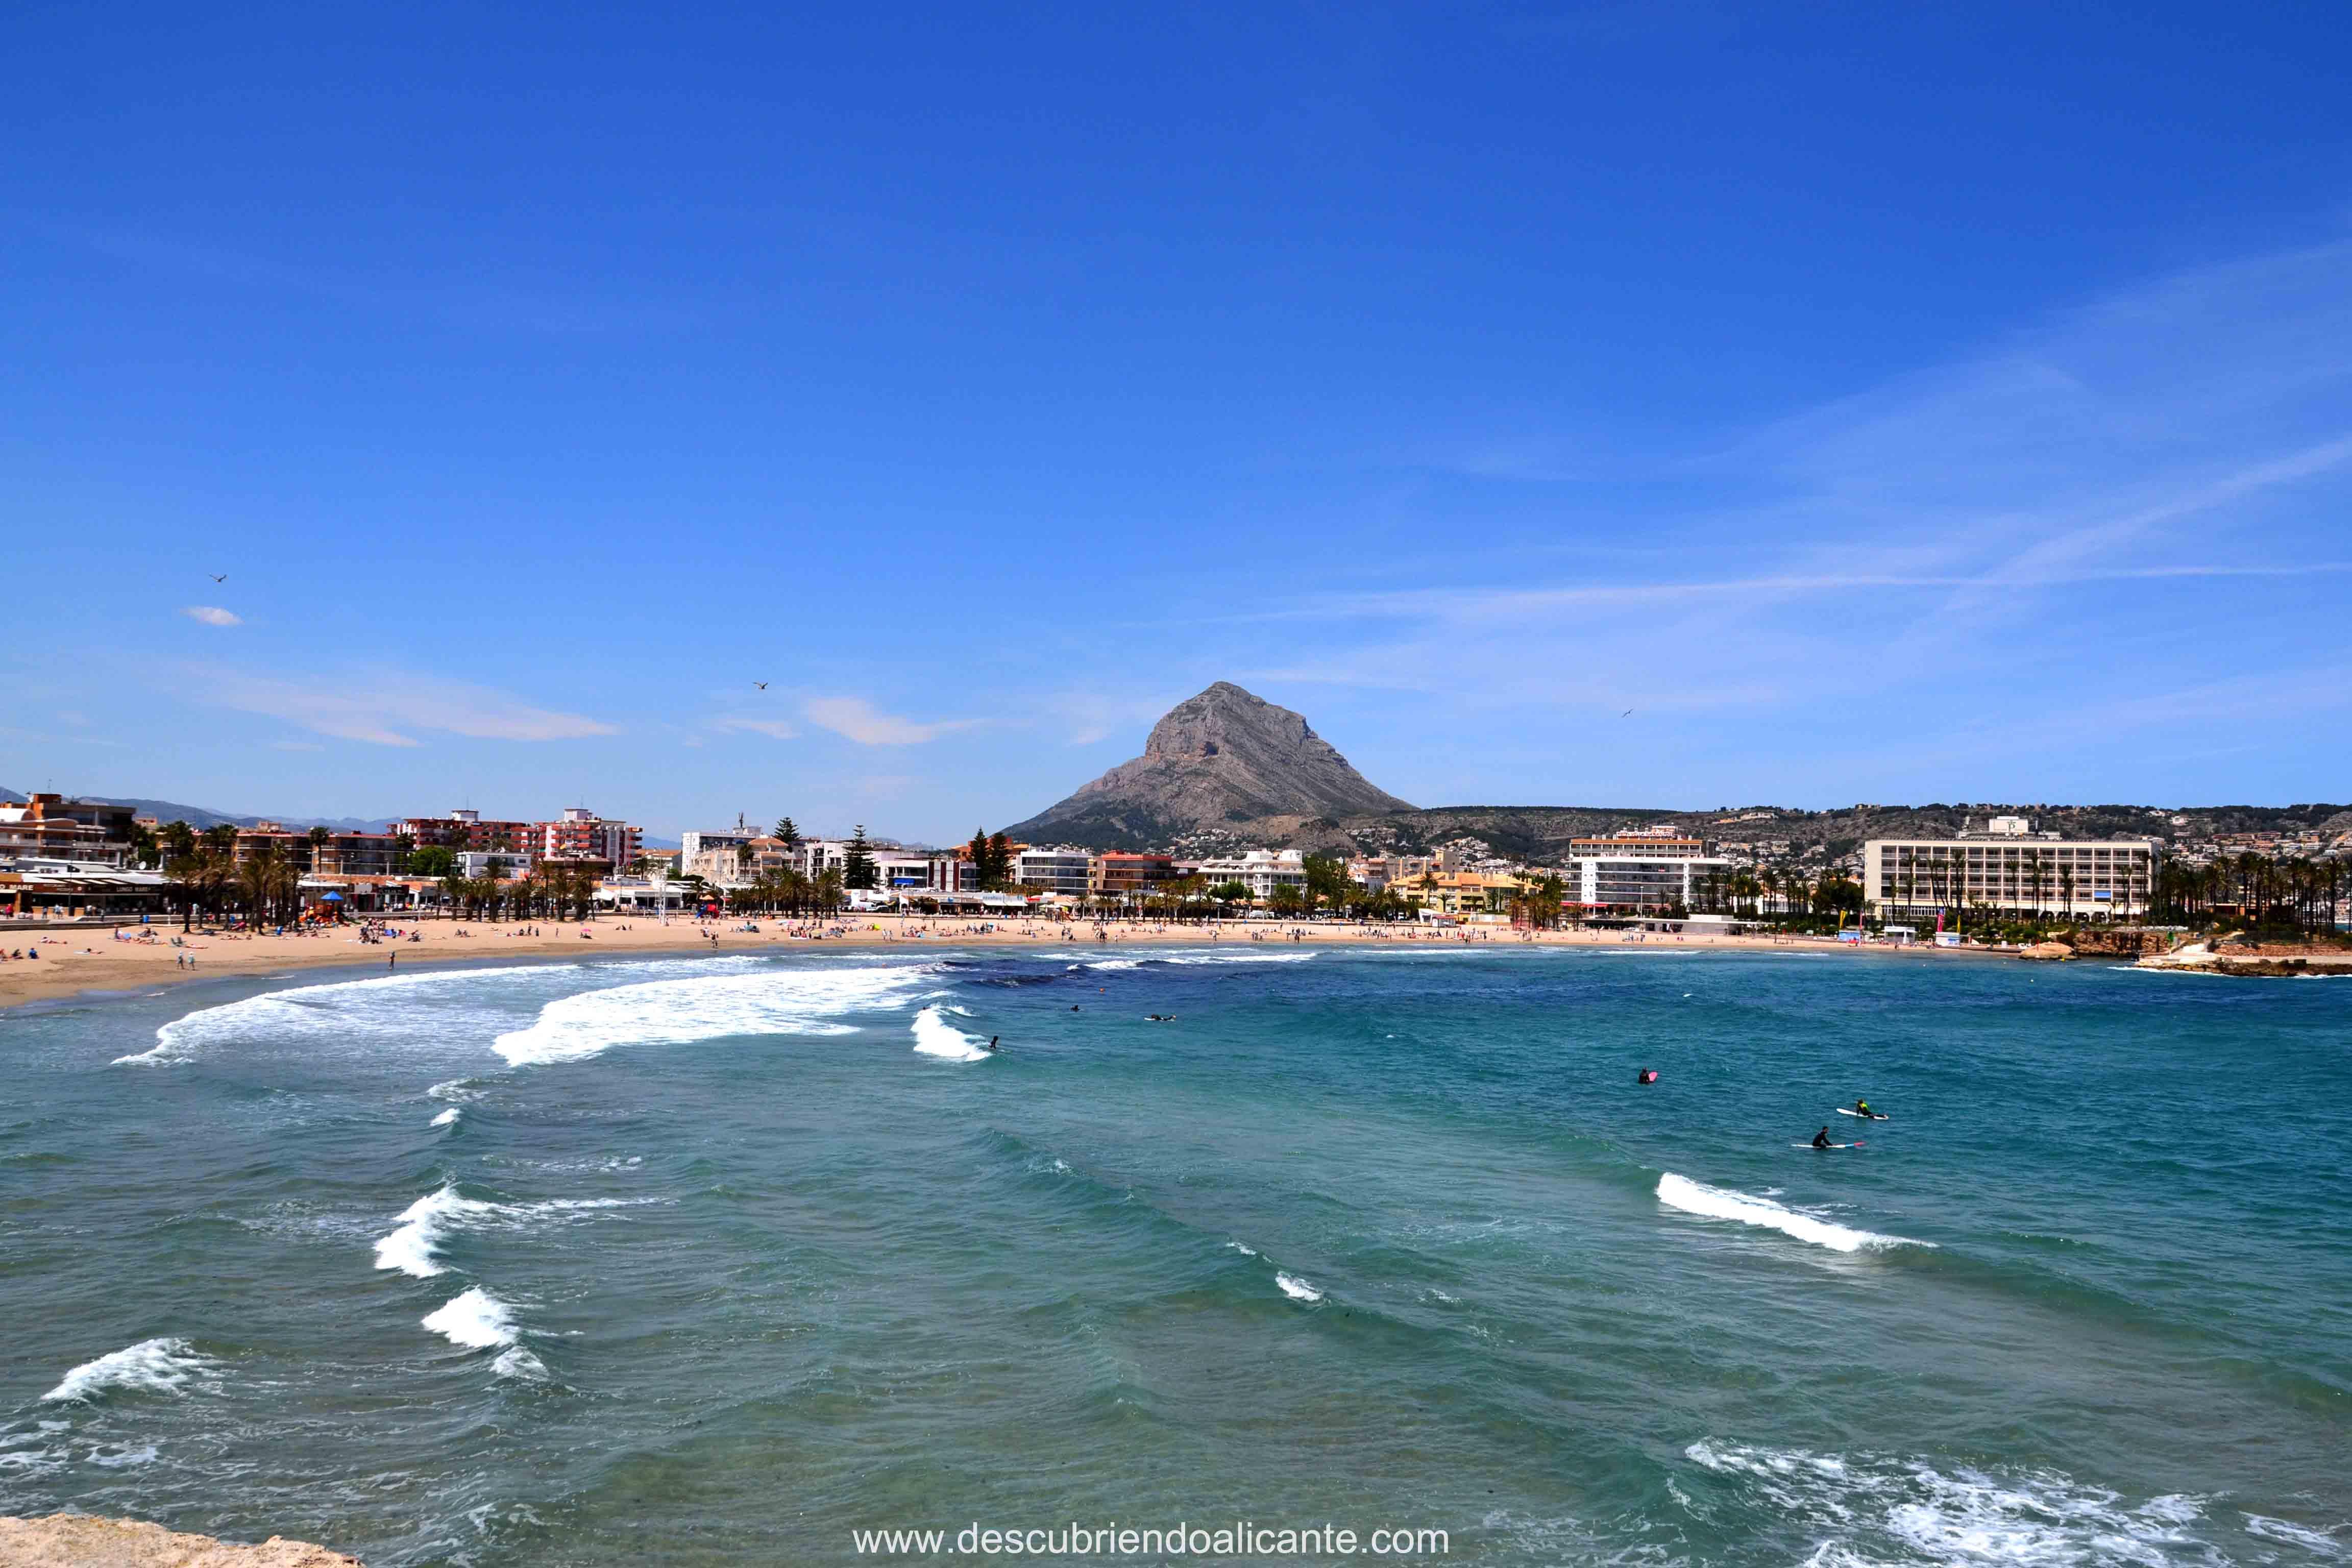 Playa Arenal Miradores de Jávea- Xabia